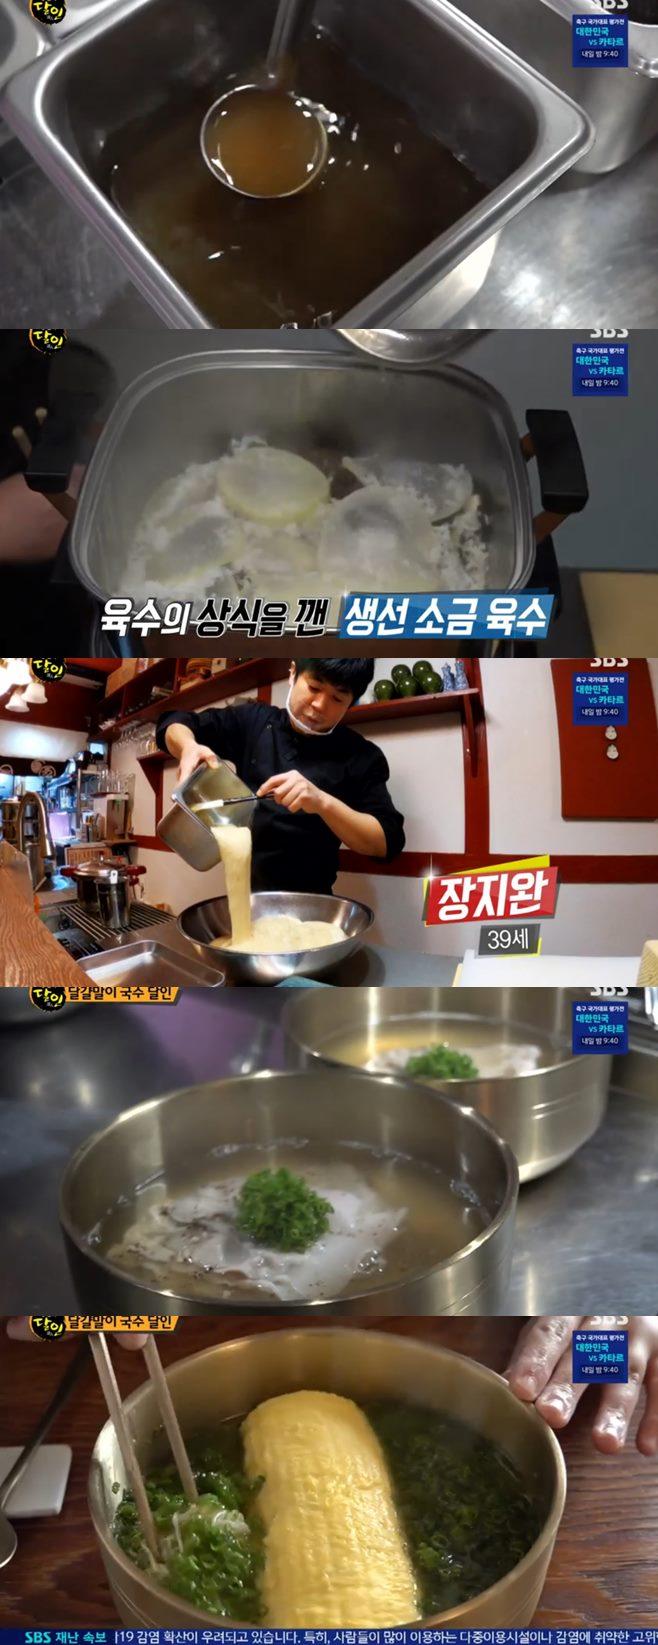 '생활의 달인' 부산 달걀말이 국수 달인(야스마루)vs프랑스 가정식 달인(몽쉐프) 맛집